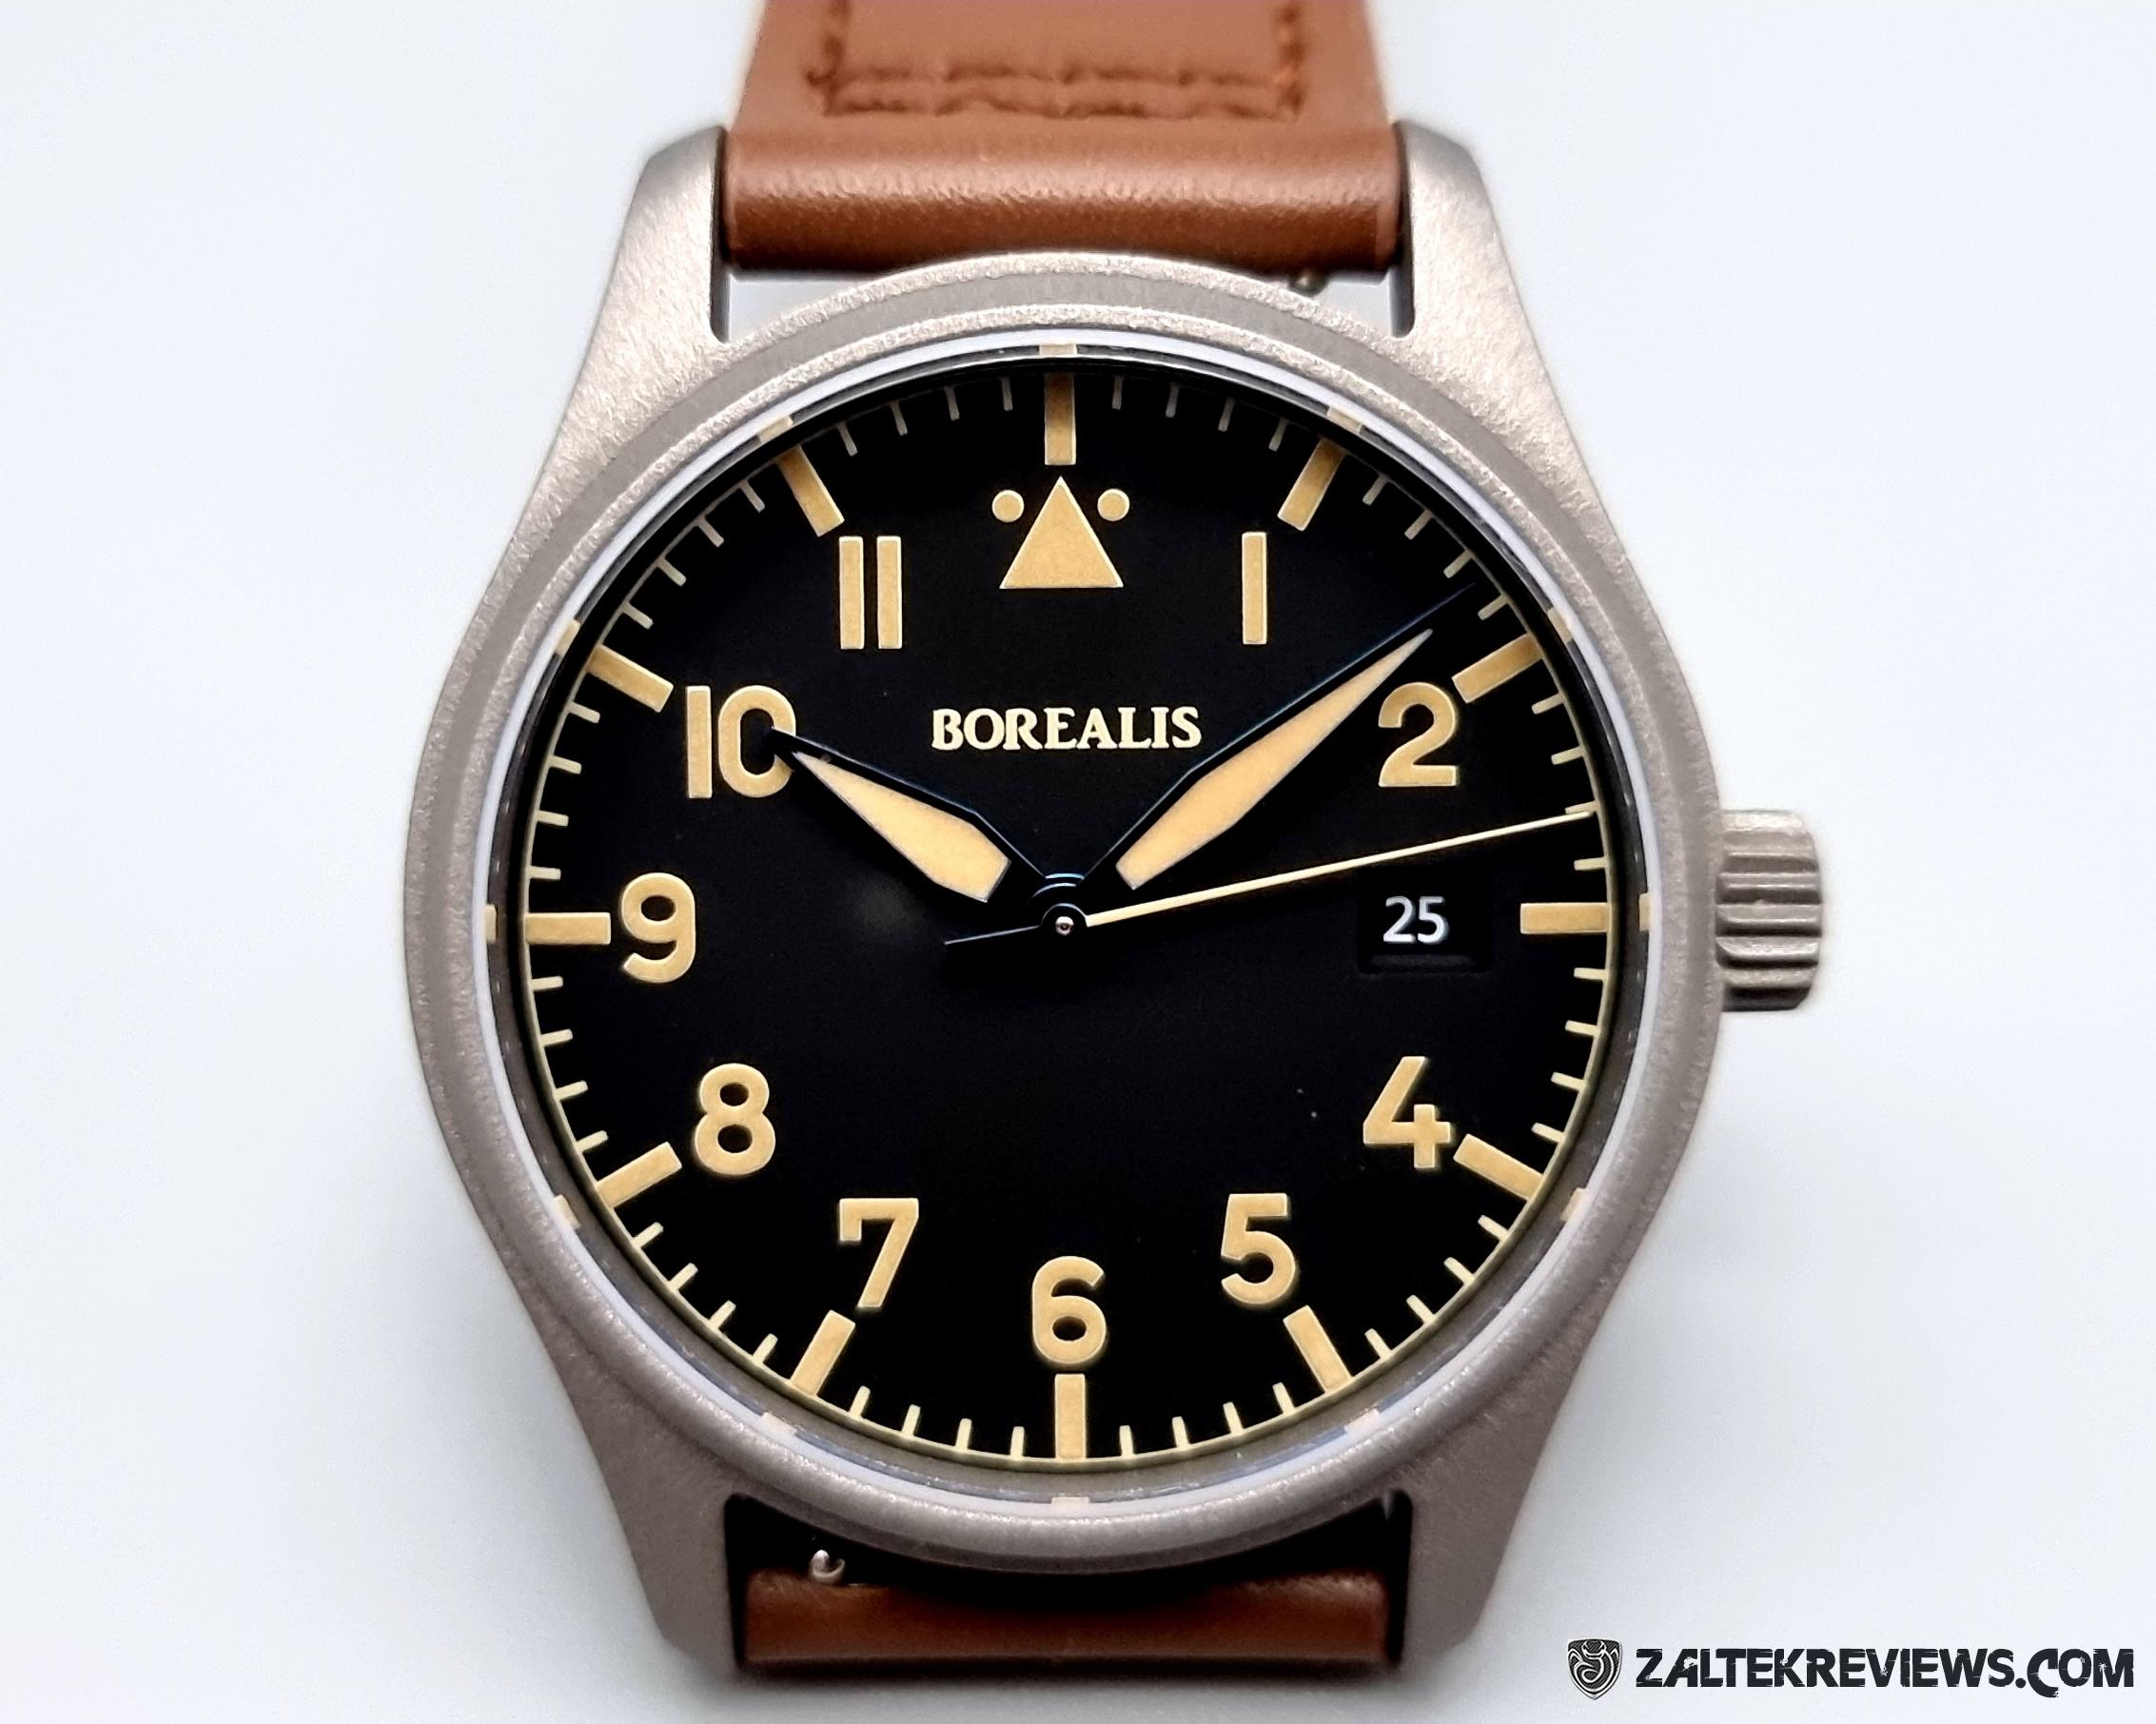 Borealis Icarus Pilot's Watch Review